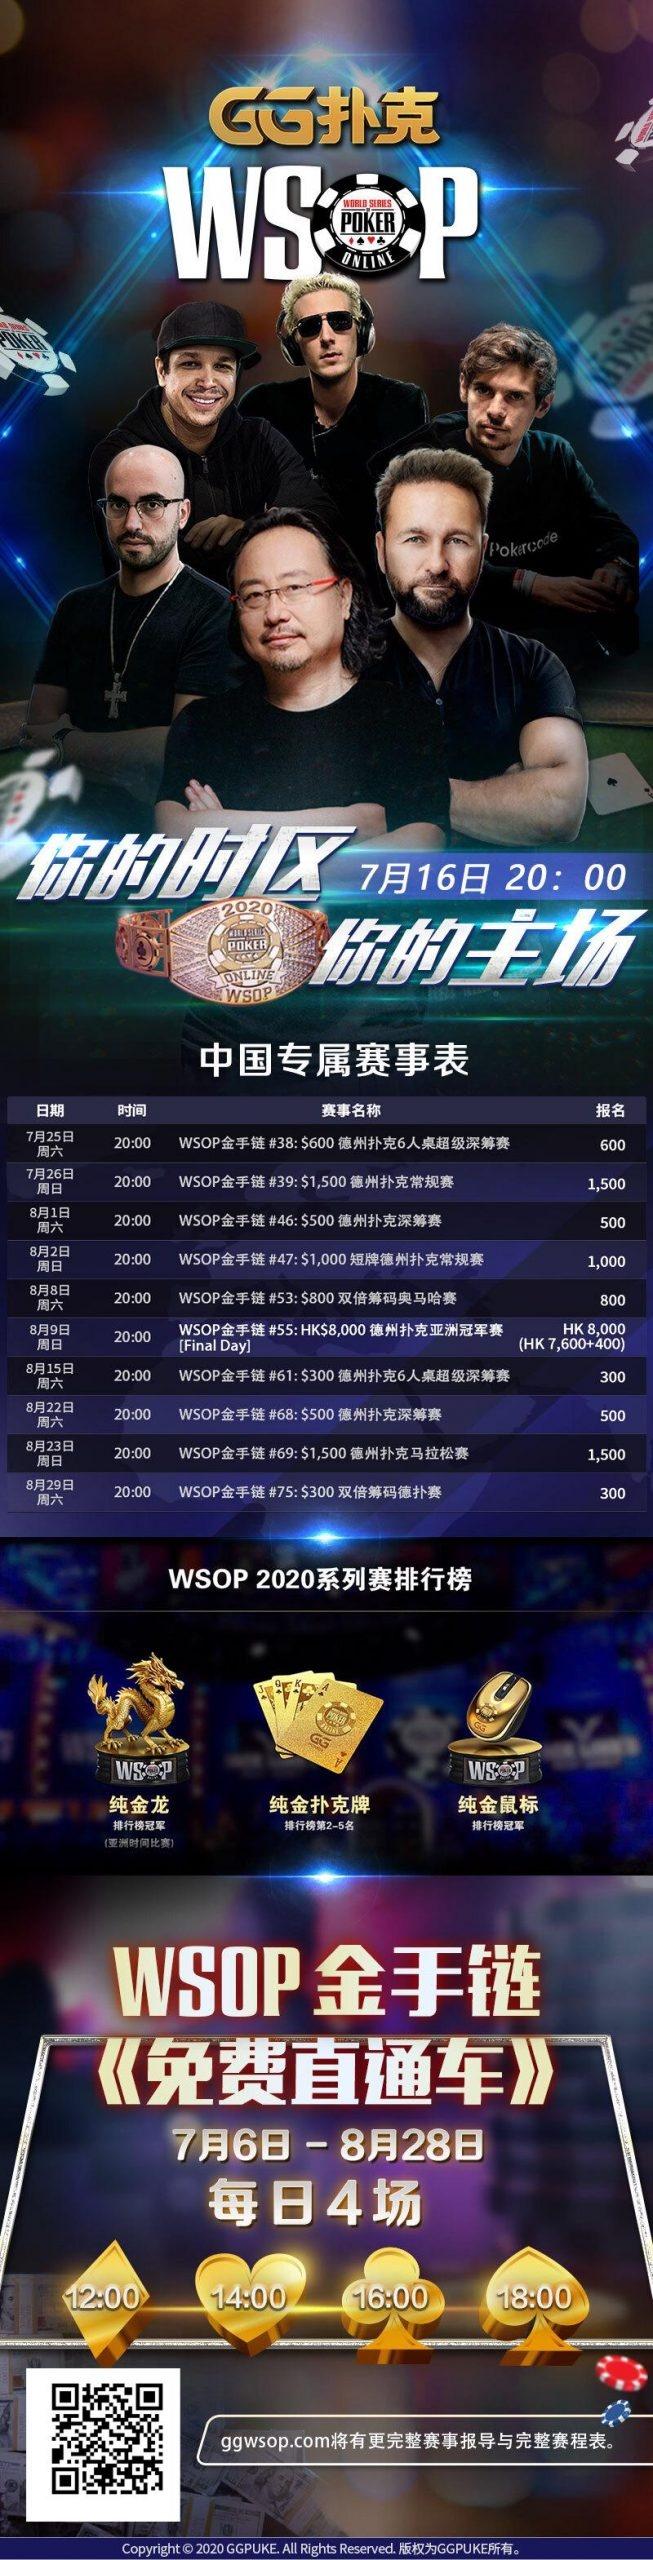 【蜗牛扑克】不容错过!如何规划你的WSOP金手链夺金计划